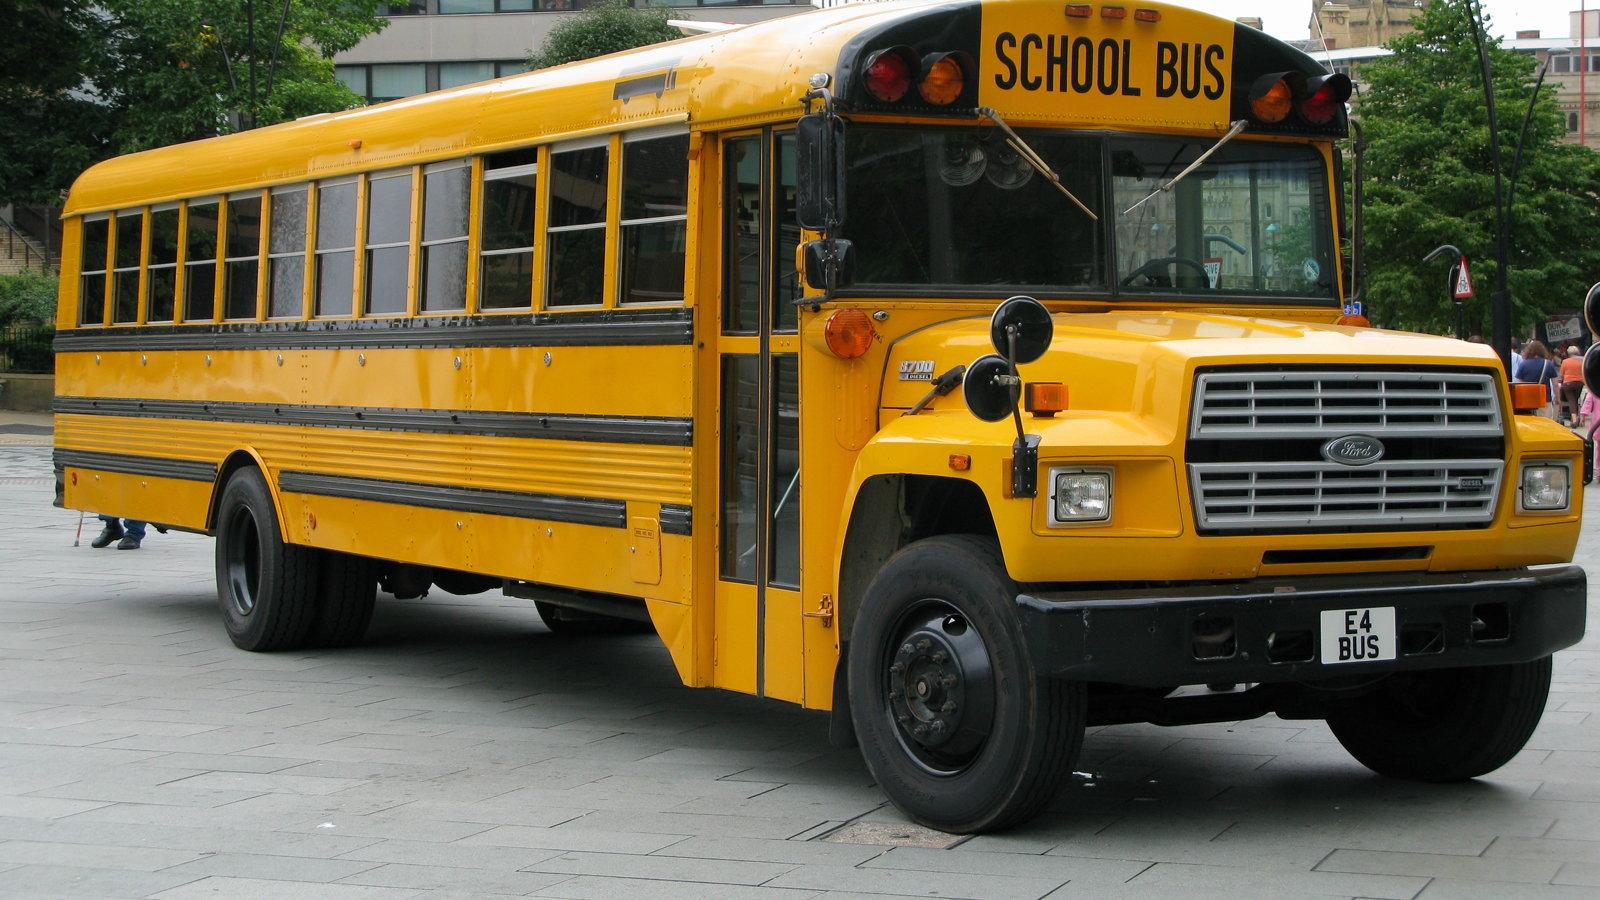 Ford Truck School Bus